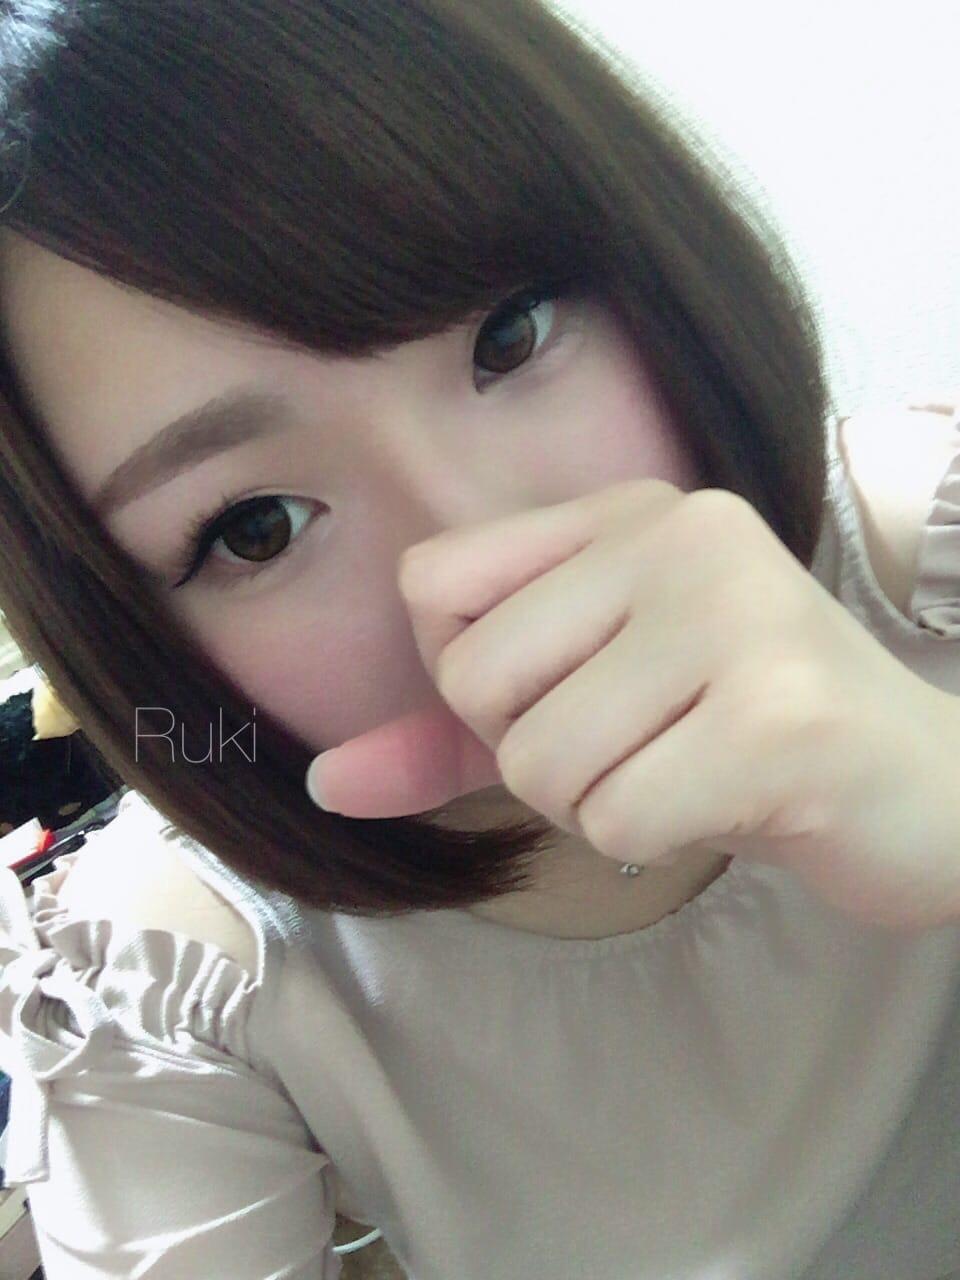 「出勤♡」09/21(木) 18:58 | るき 癒し系HカップGIRLの写メ・風俗動画